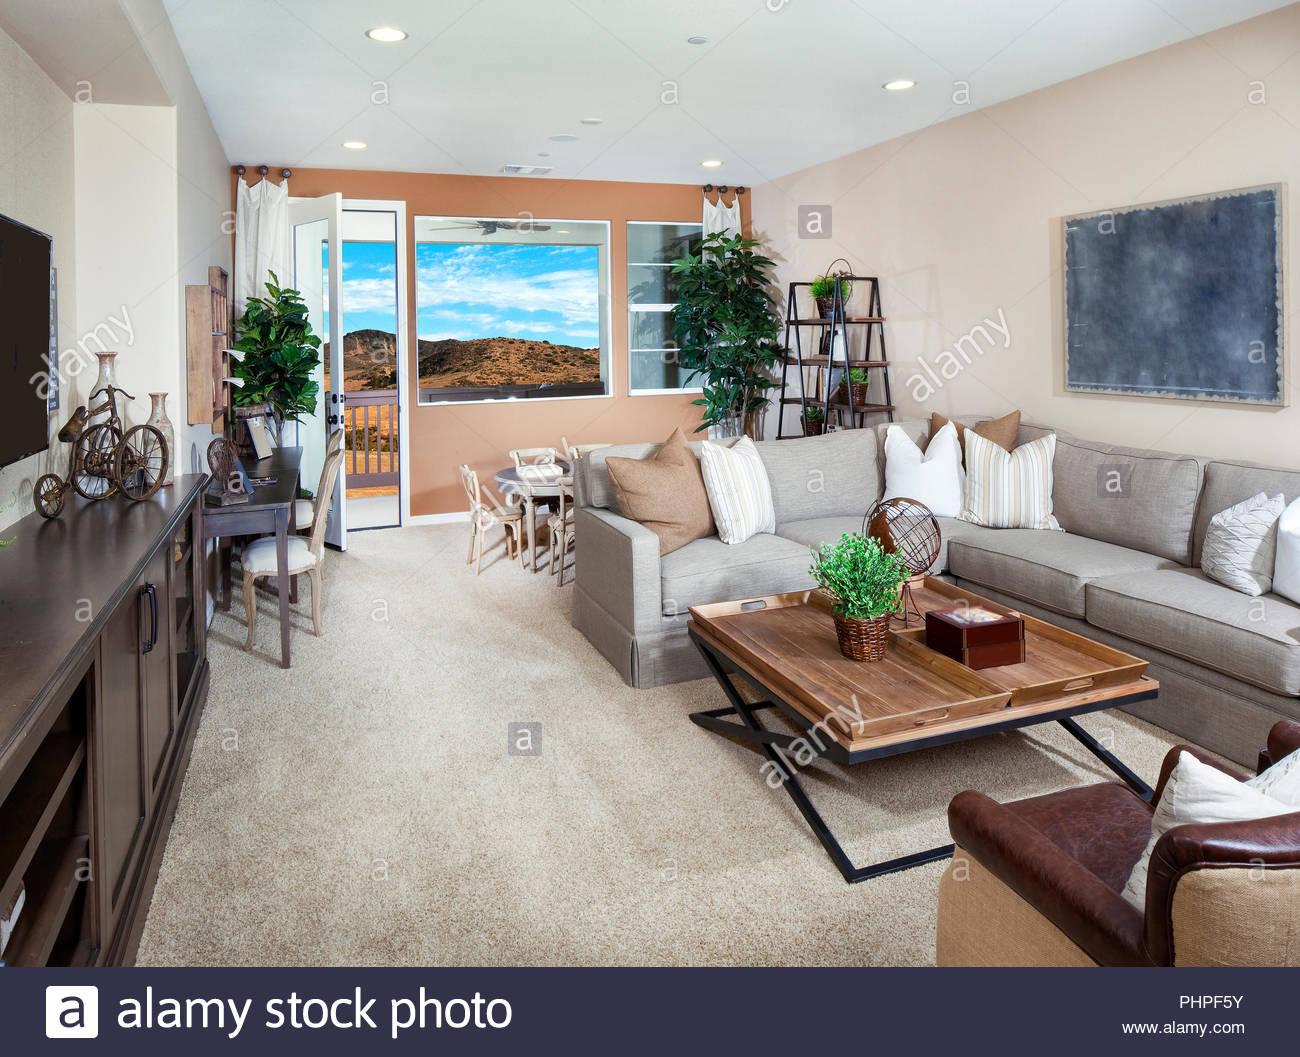 Grau und Braun Wohnzimmer Stockbild